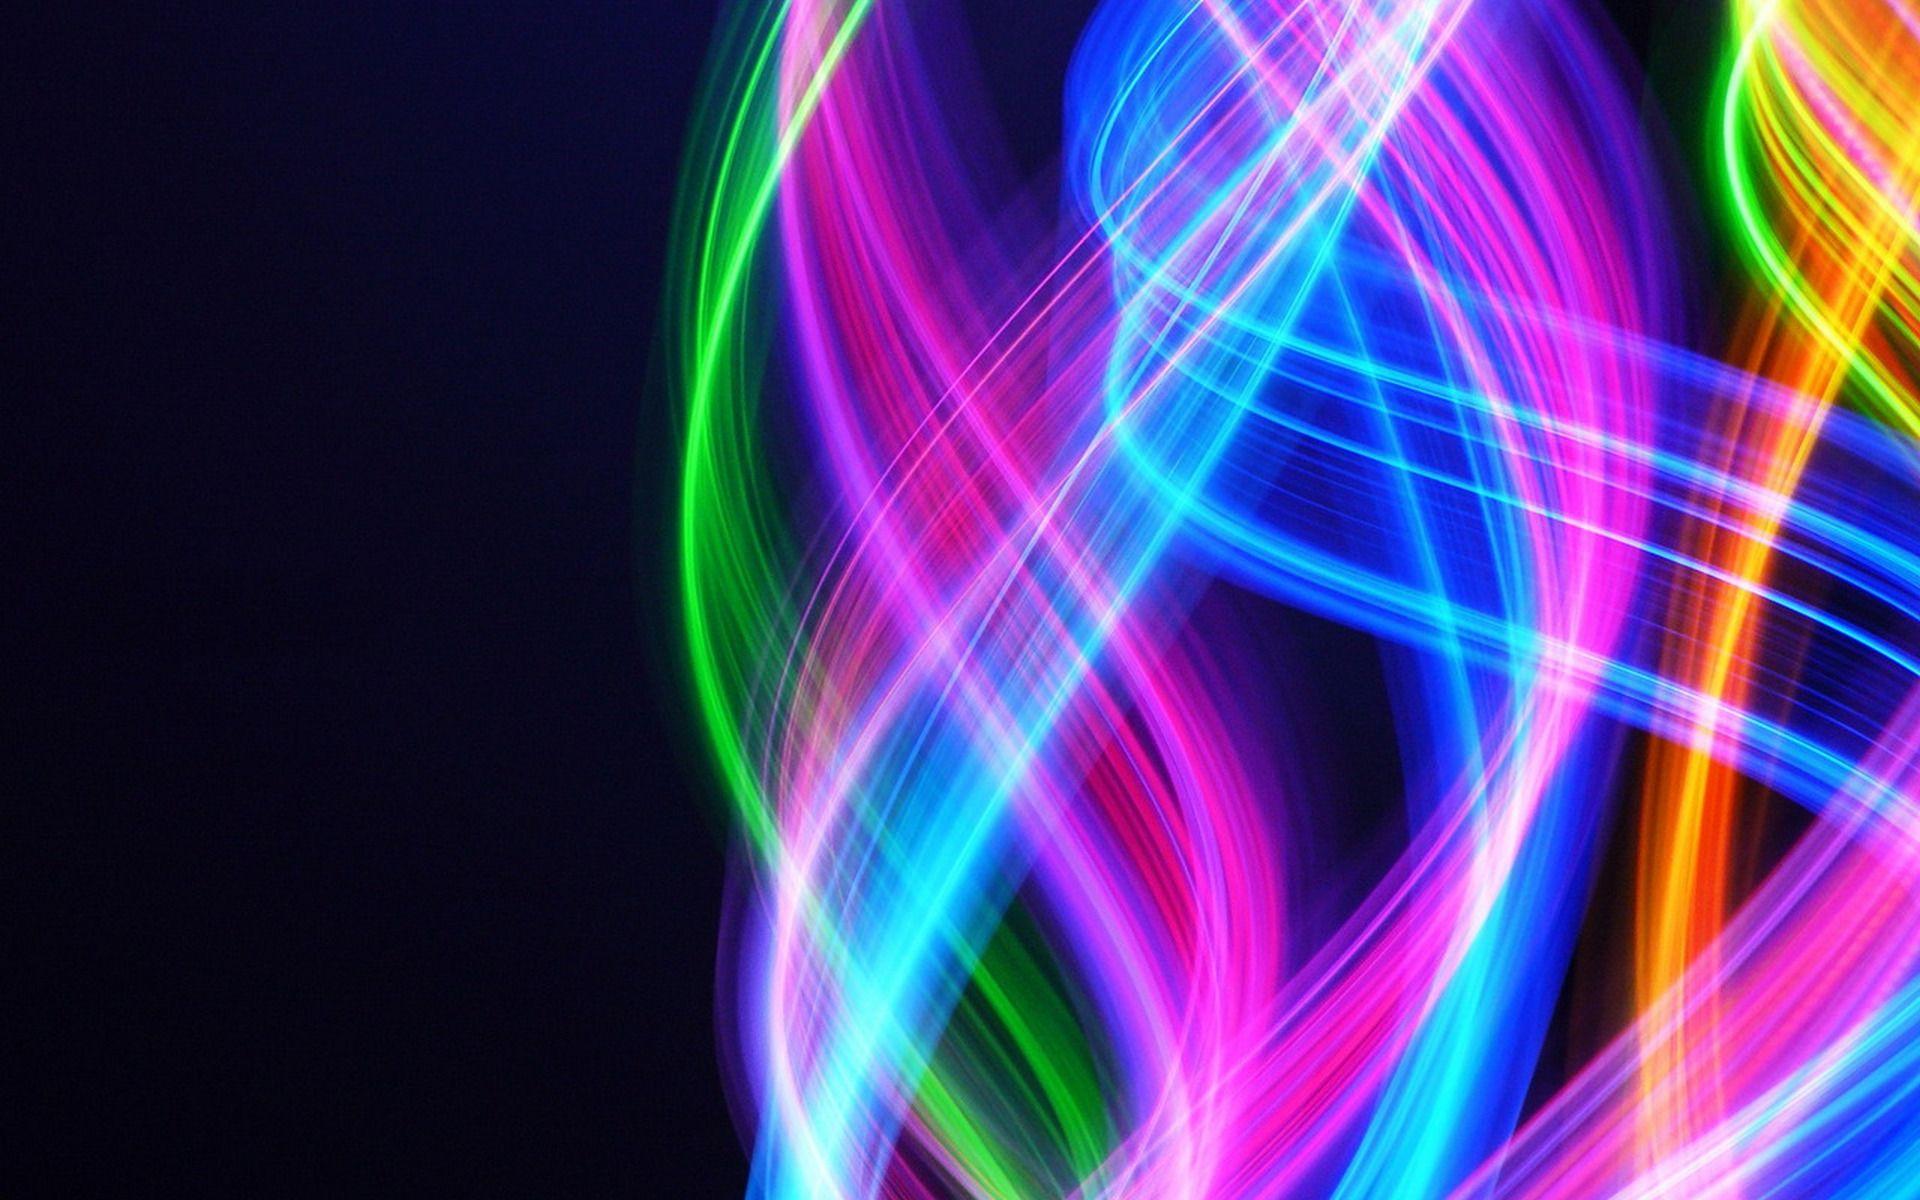 Fondos de pantalla 3d neon